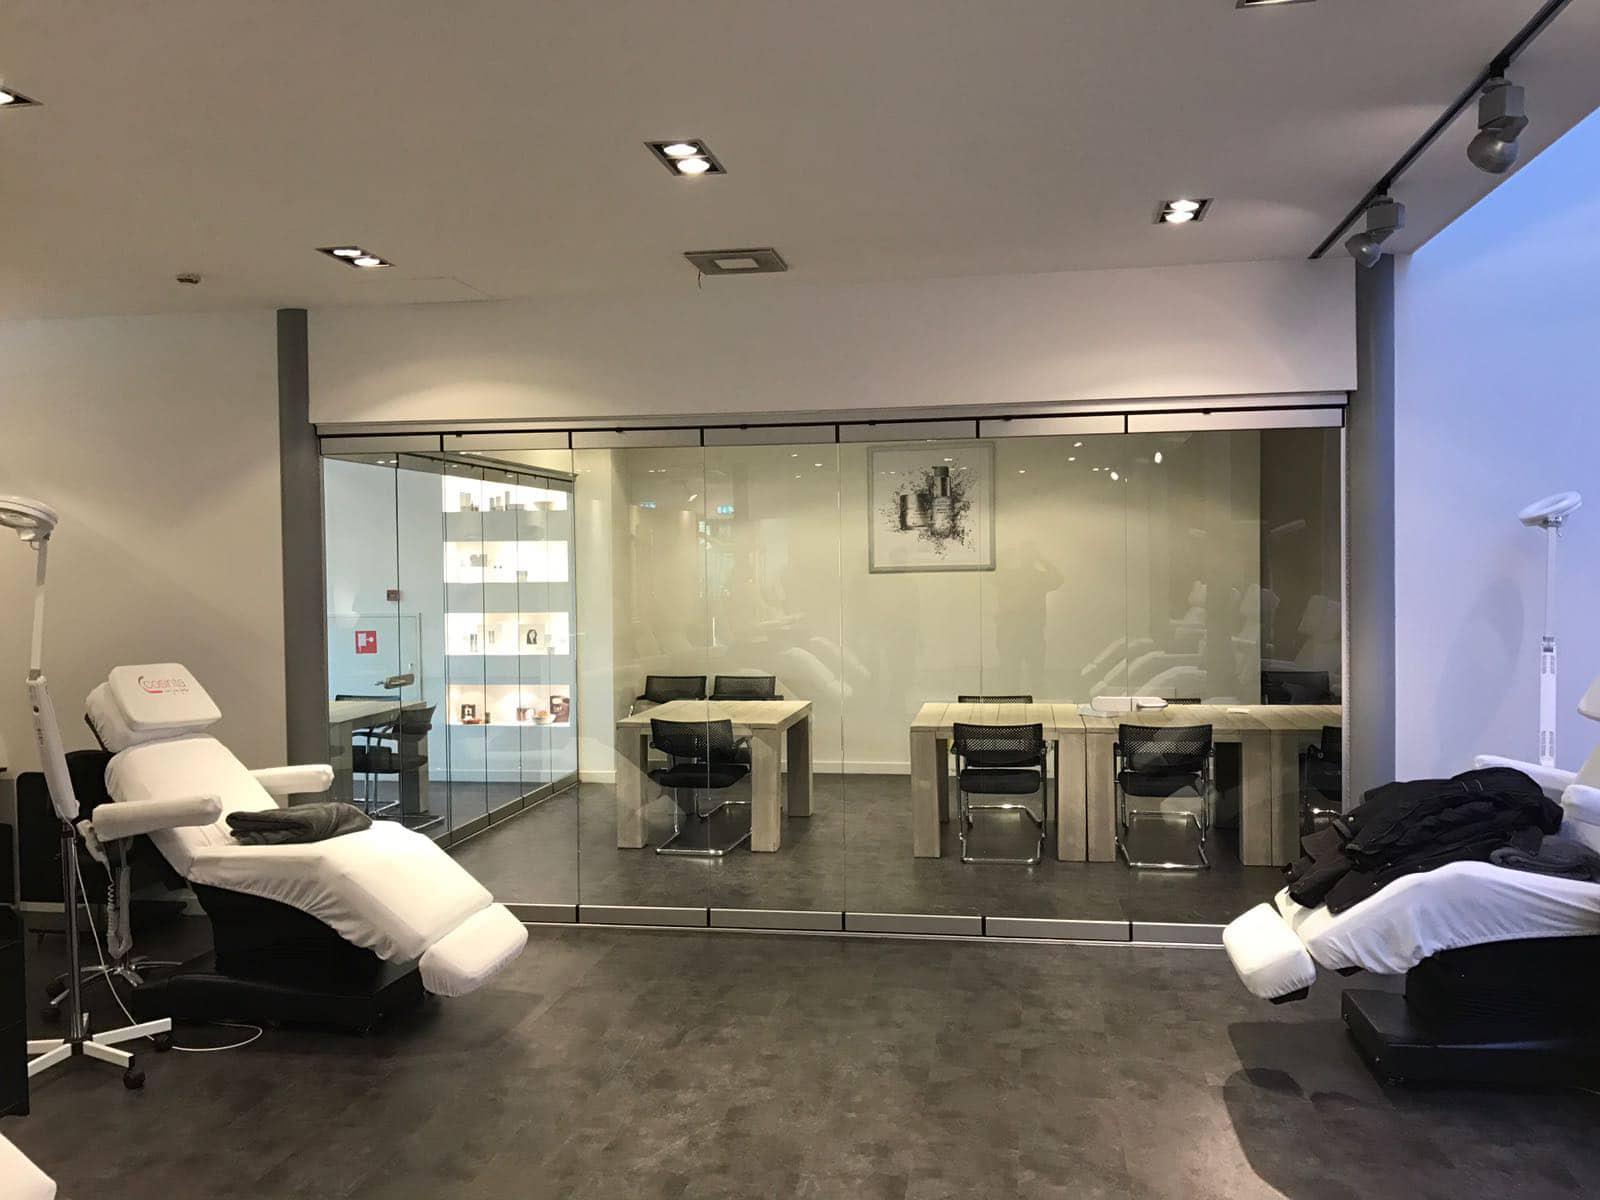 Ganzglas Schiebedreh-Anlagen Sunflex - Rauminnenabtrennung